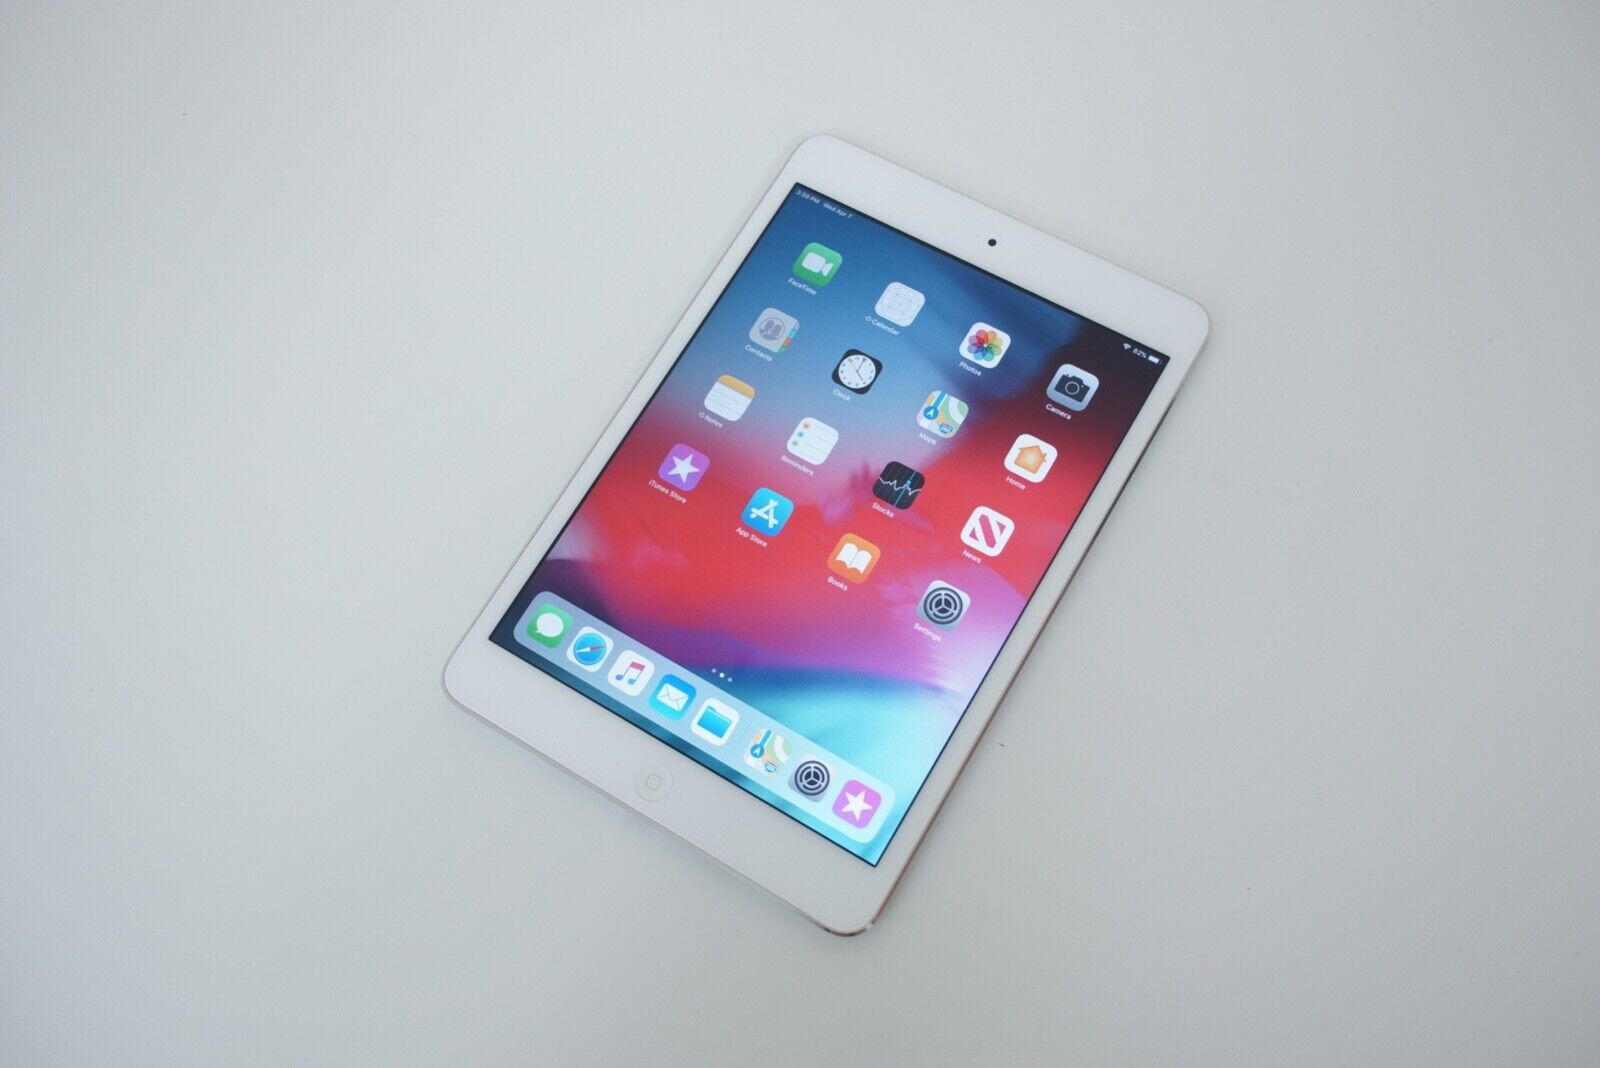 Apple IPad Mini 2 16GB Wi-Fi Only Silver ME279LL/A SUPERB - $51.00